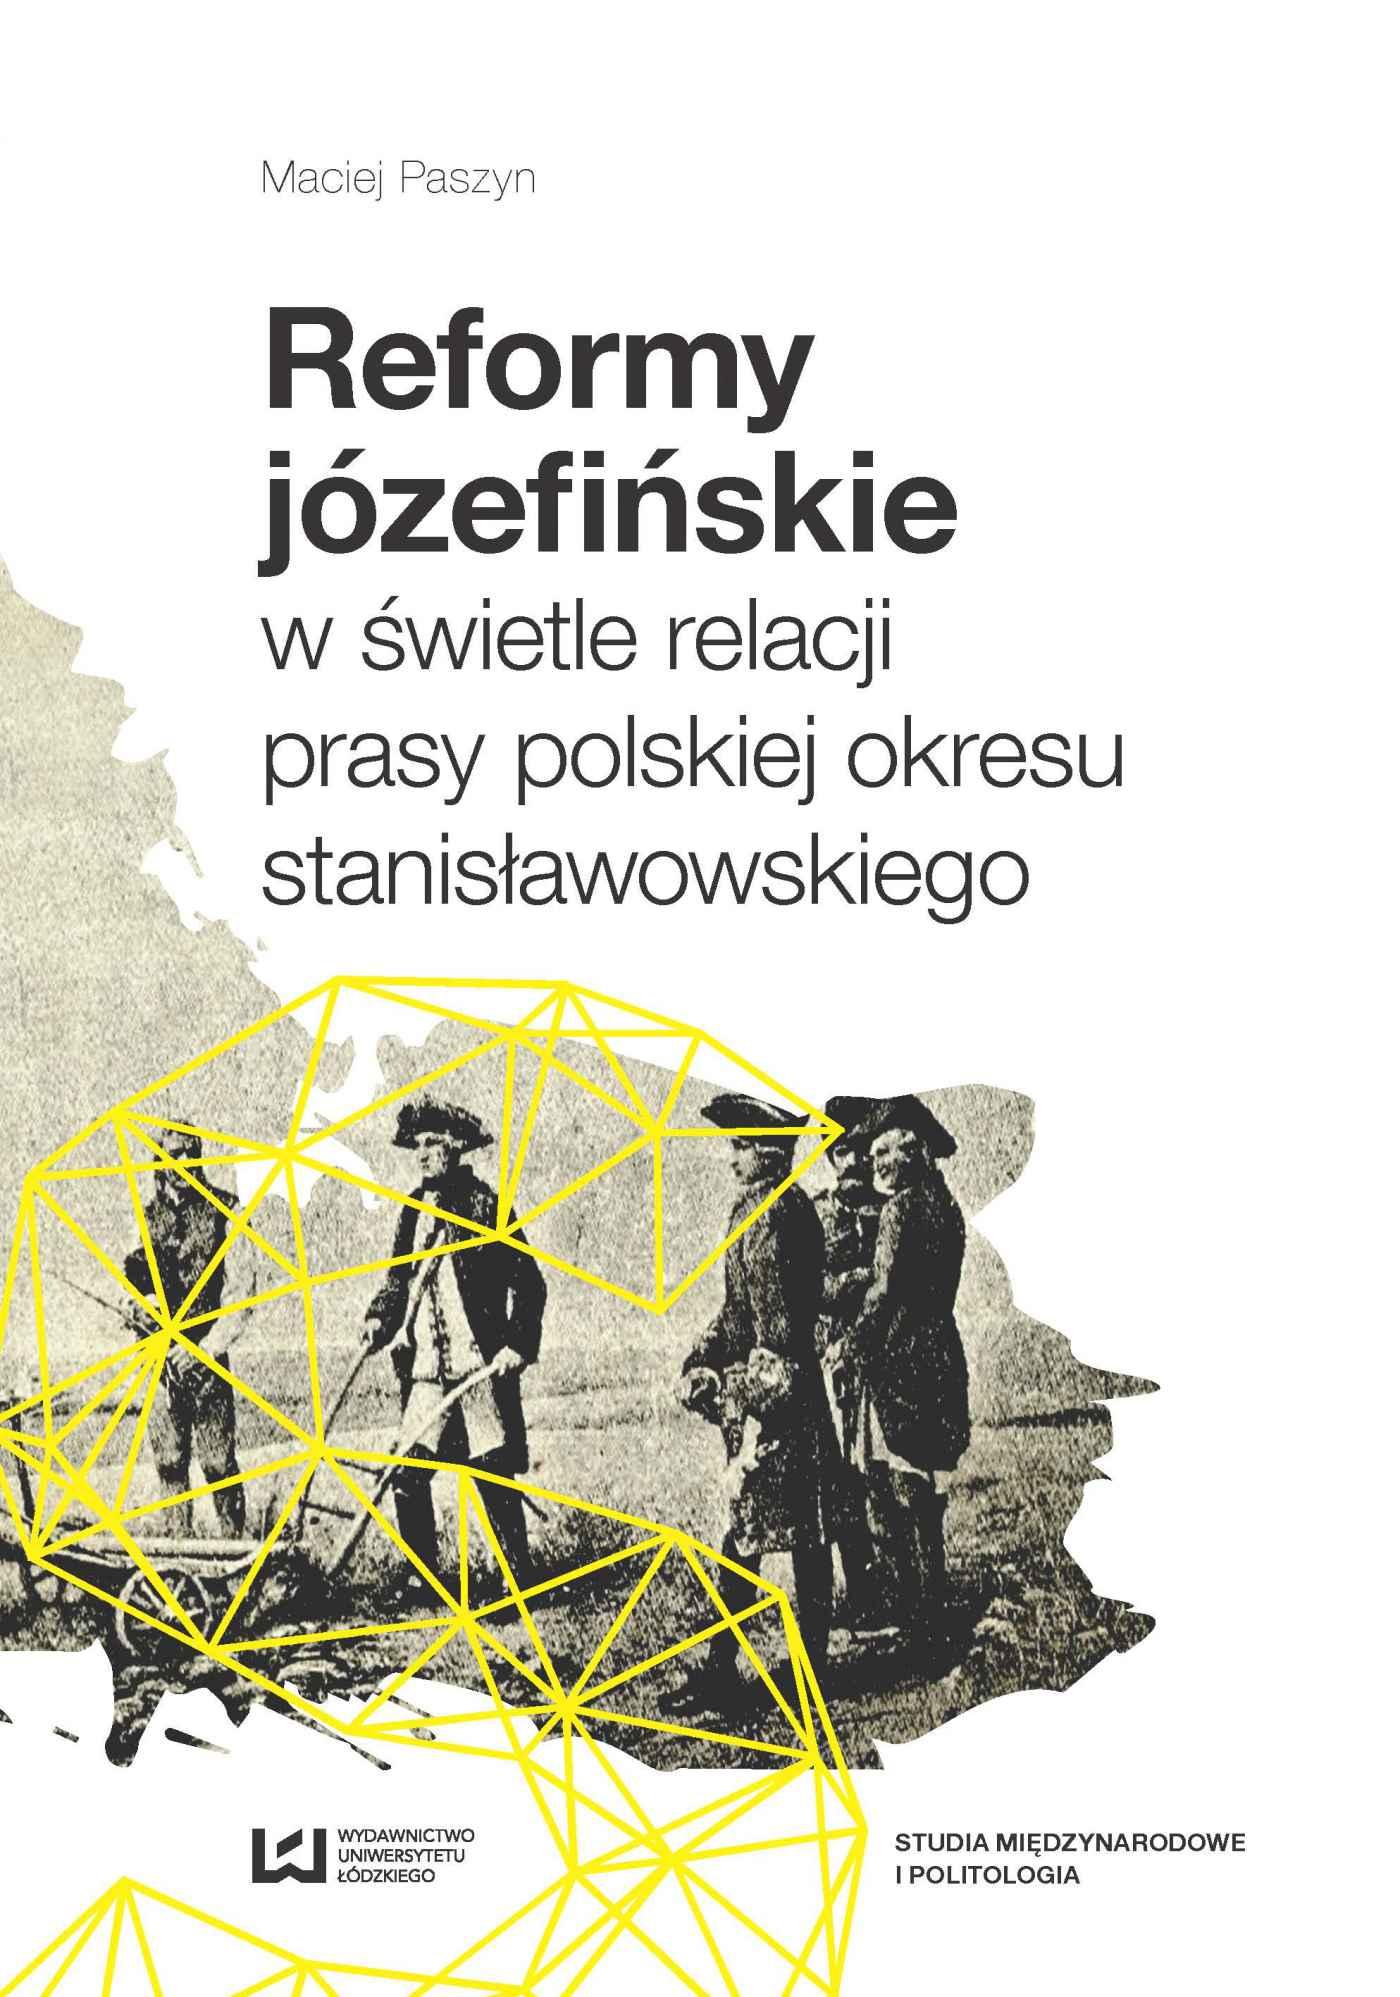 Reformy józefińskie w świetle relacji prasy polskiej okresu stanisławowskiego - Ebook (Książka PDF) do pobrania w formacie PDF